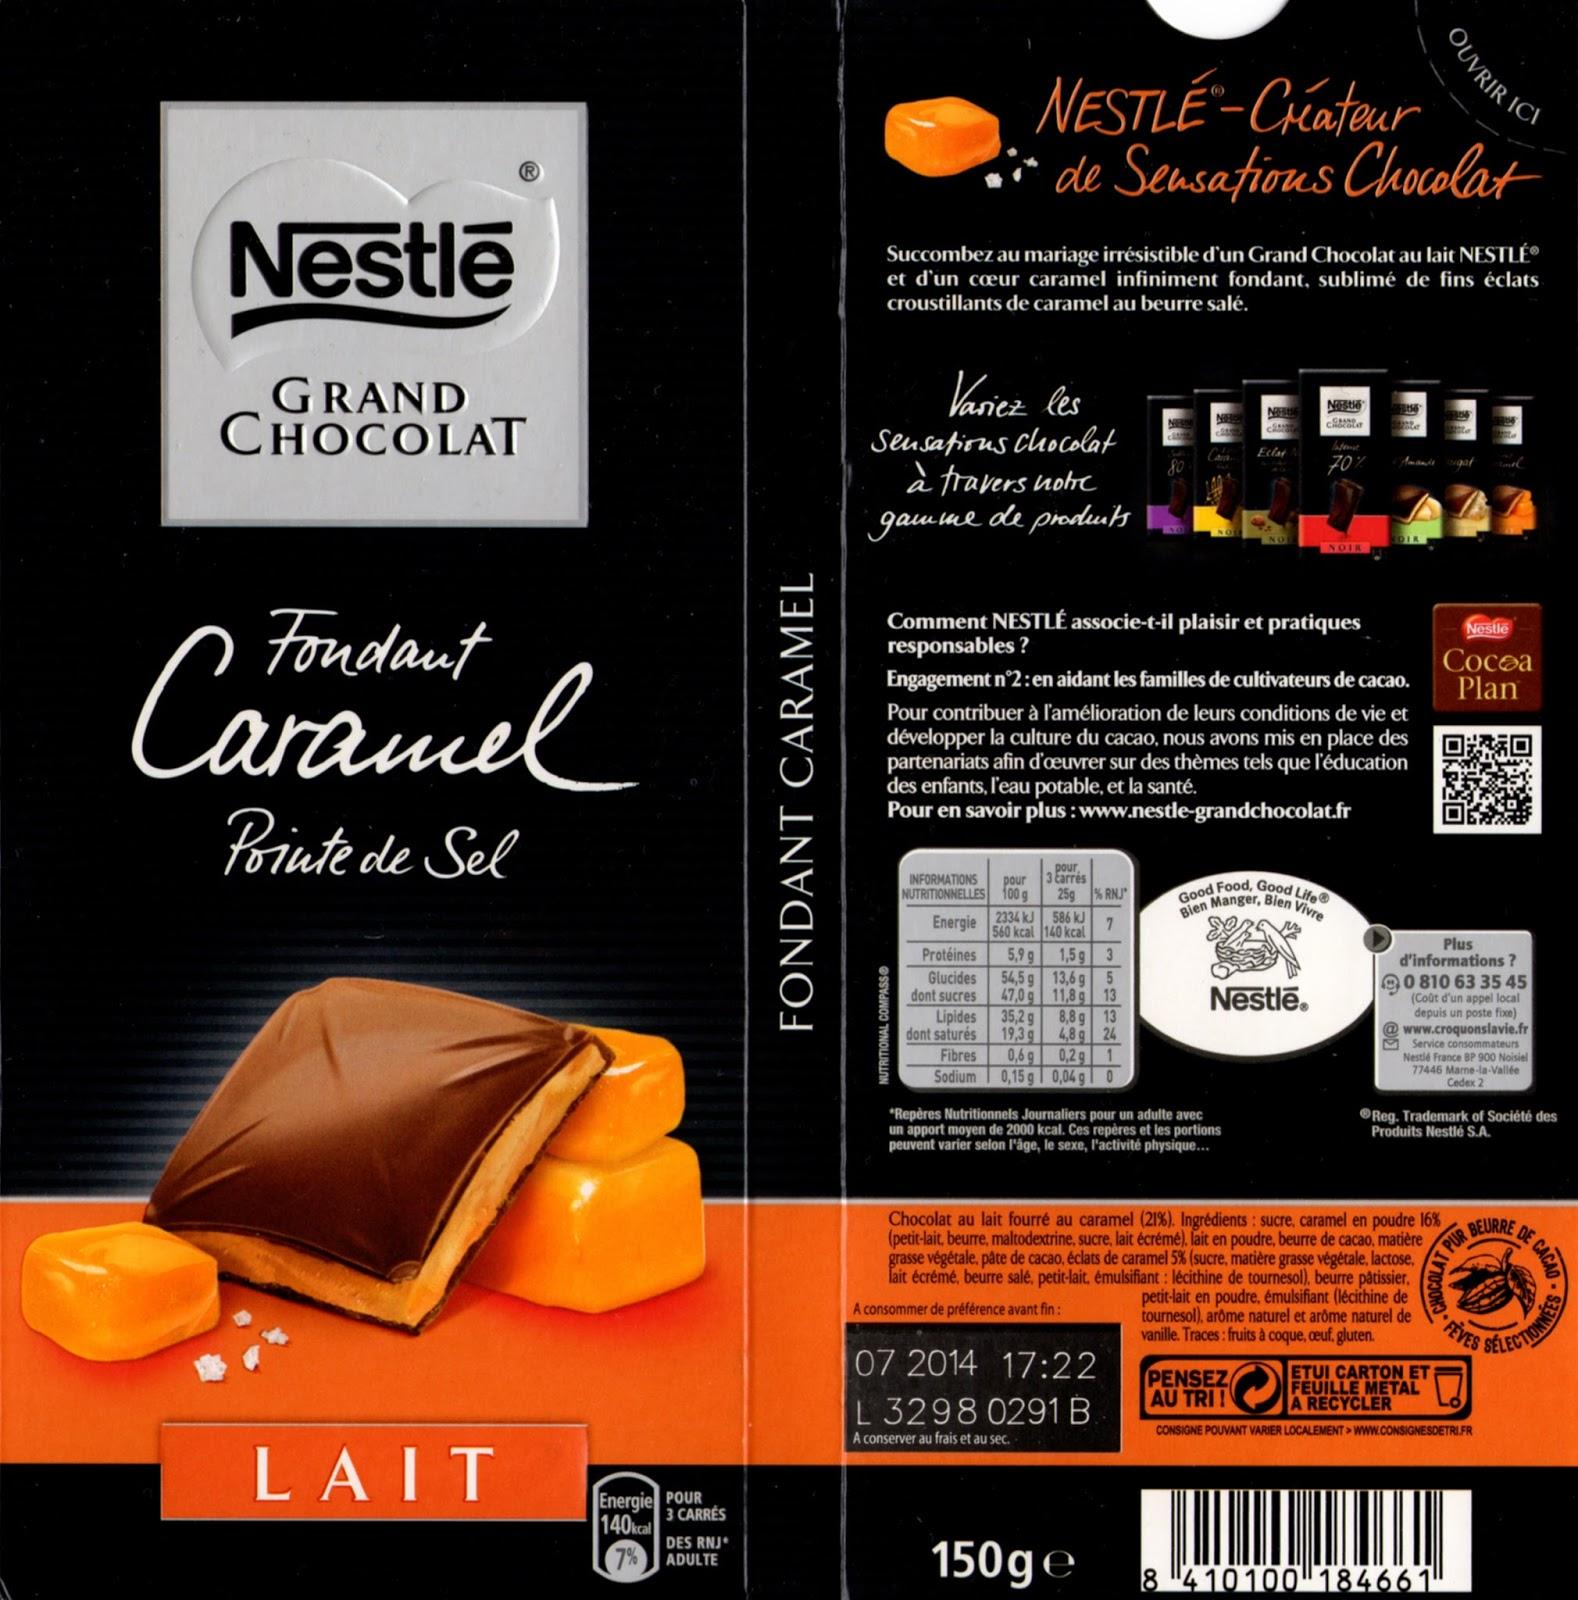 tablette de chocolat lait fourré nestlé grand chocolat fondant caramel pointe de sel